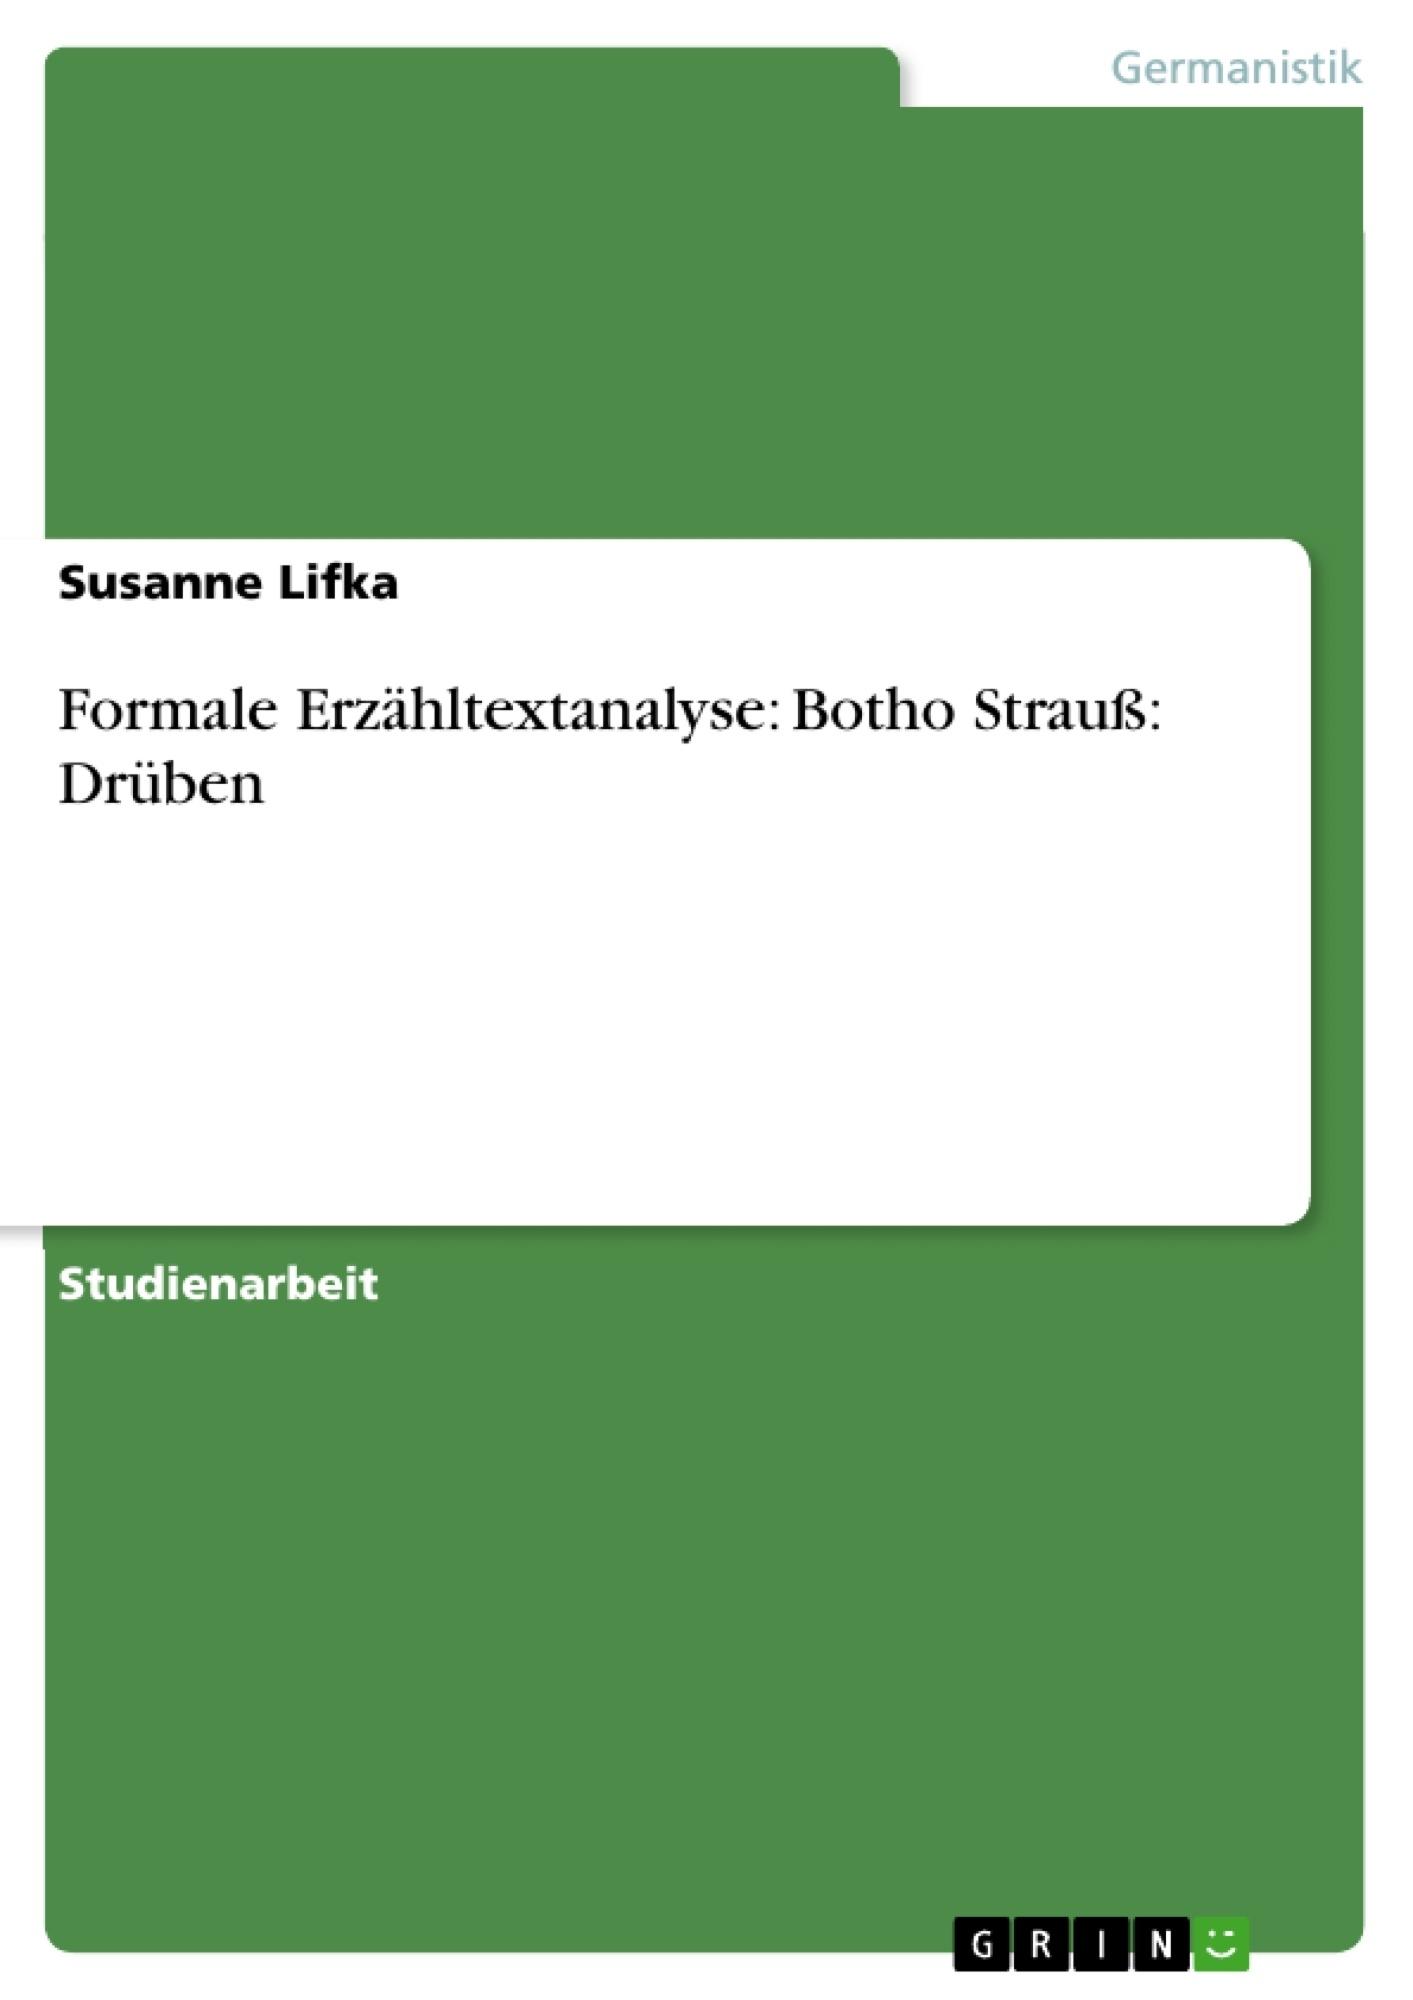 Titel: Formale Erzähltextanalyse: Botho Strauß: Drüben